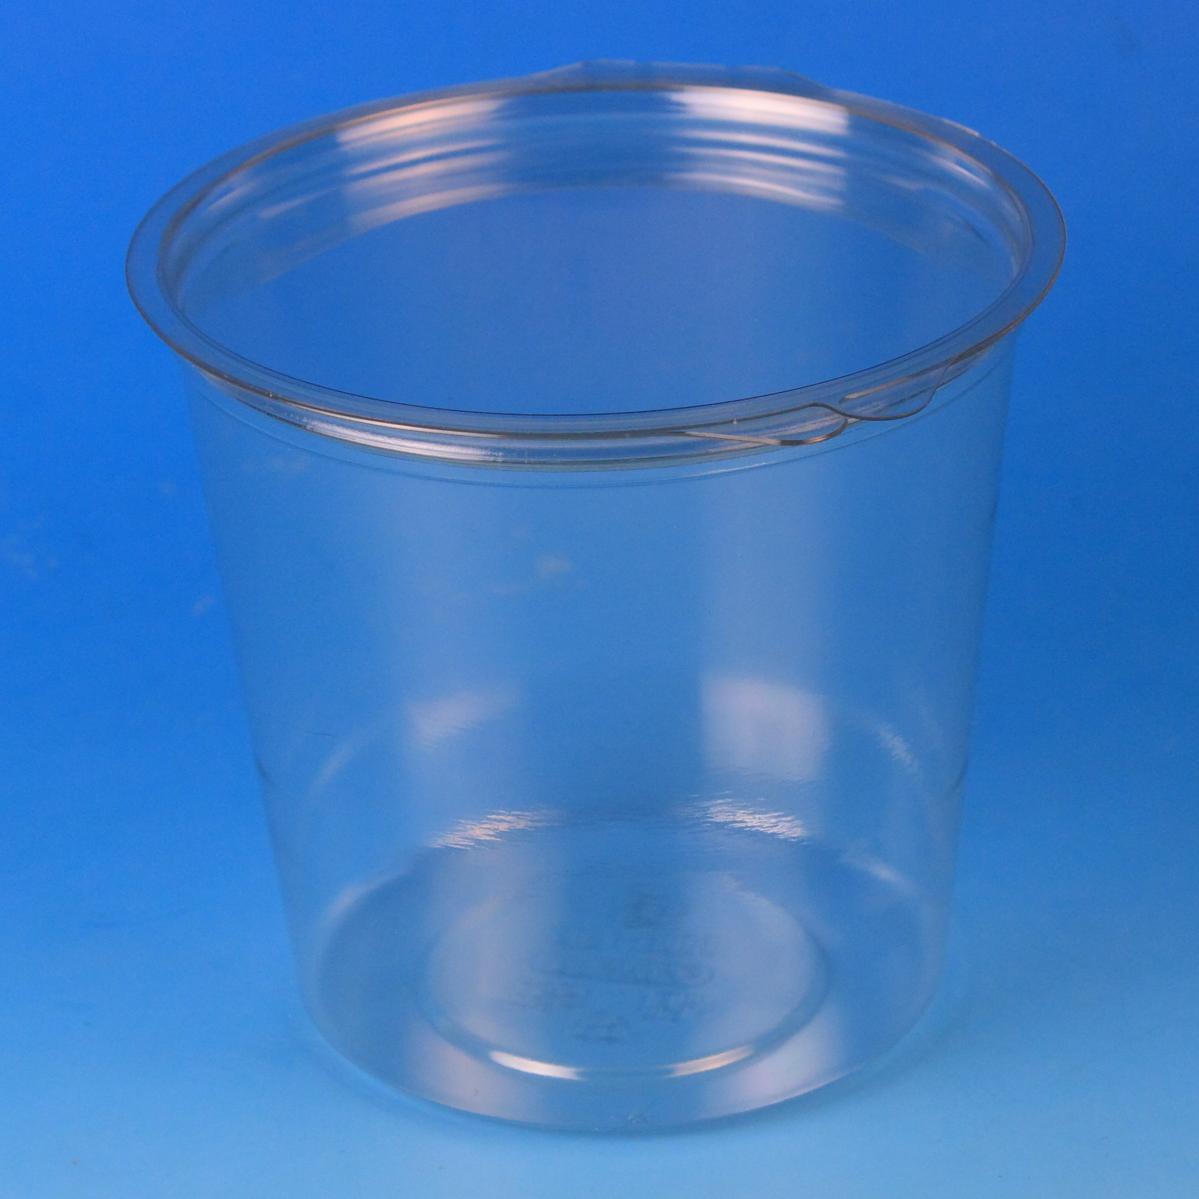 Olipack verpakking plastic